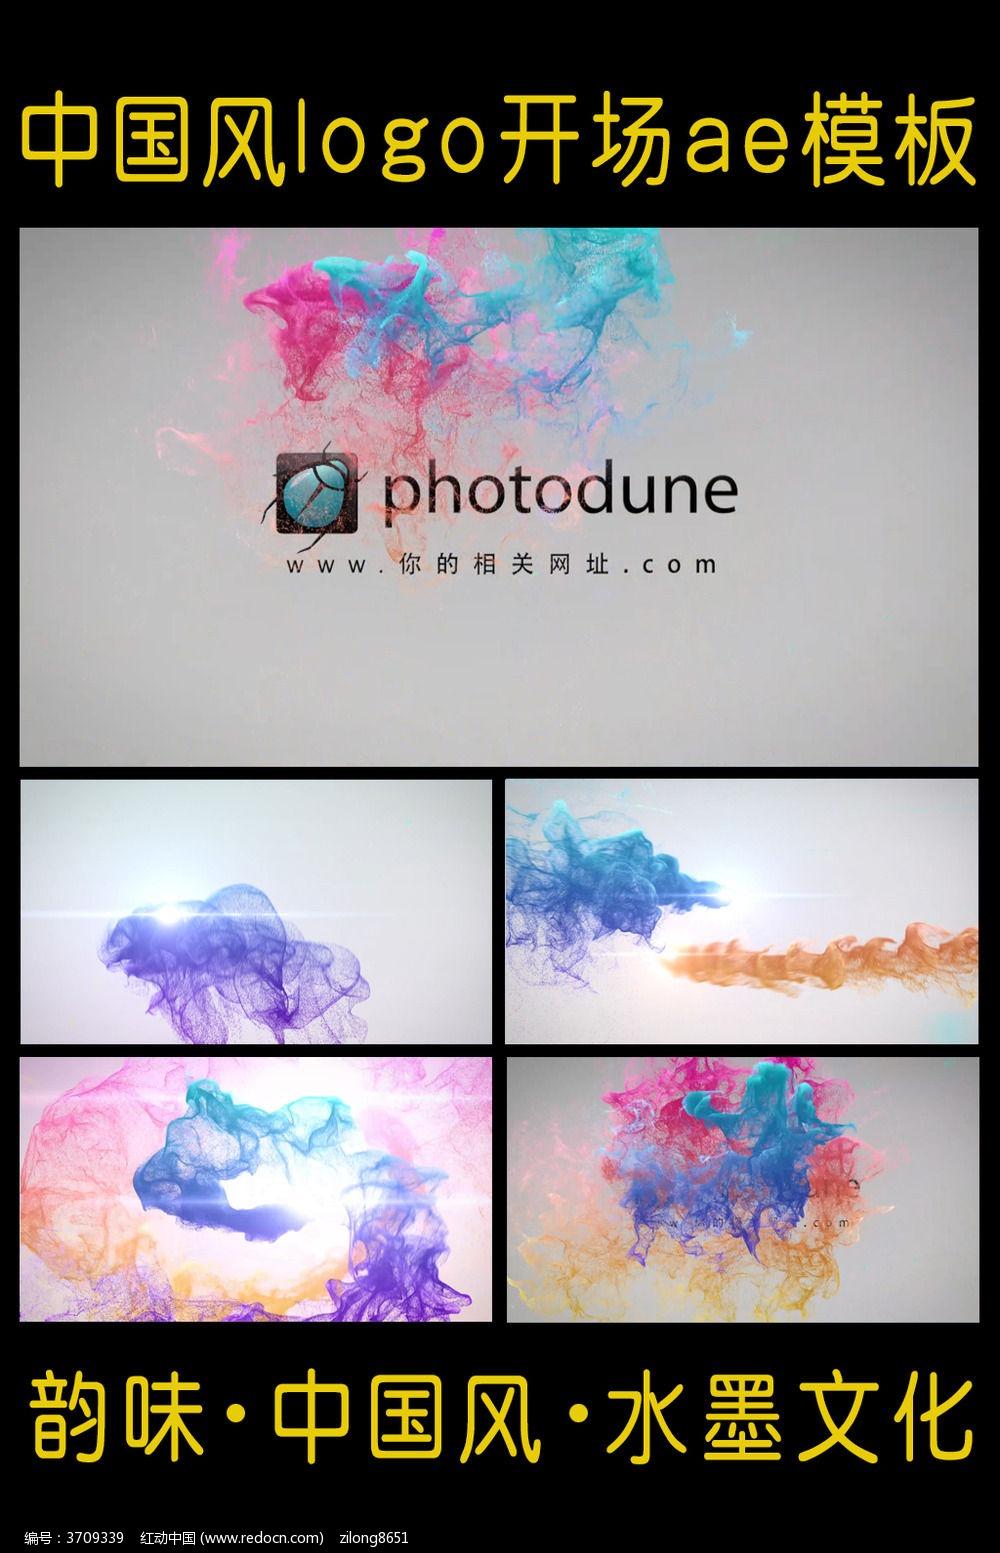 中国风彩色水墨粒子消散的logo演绎AE模板图片